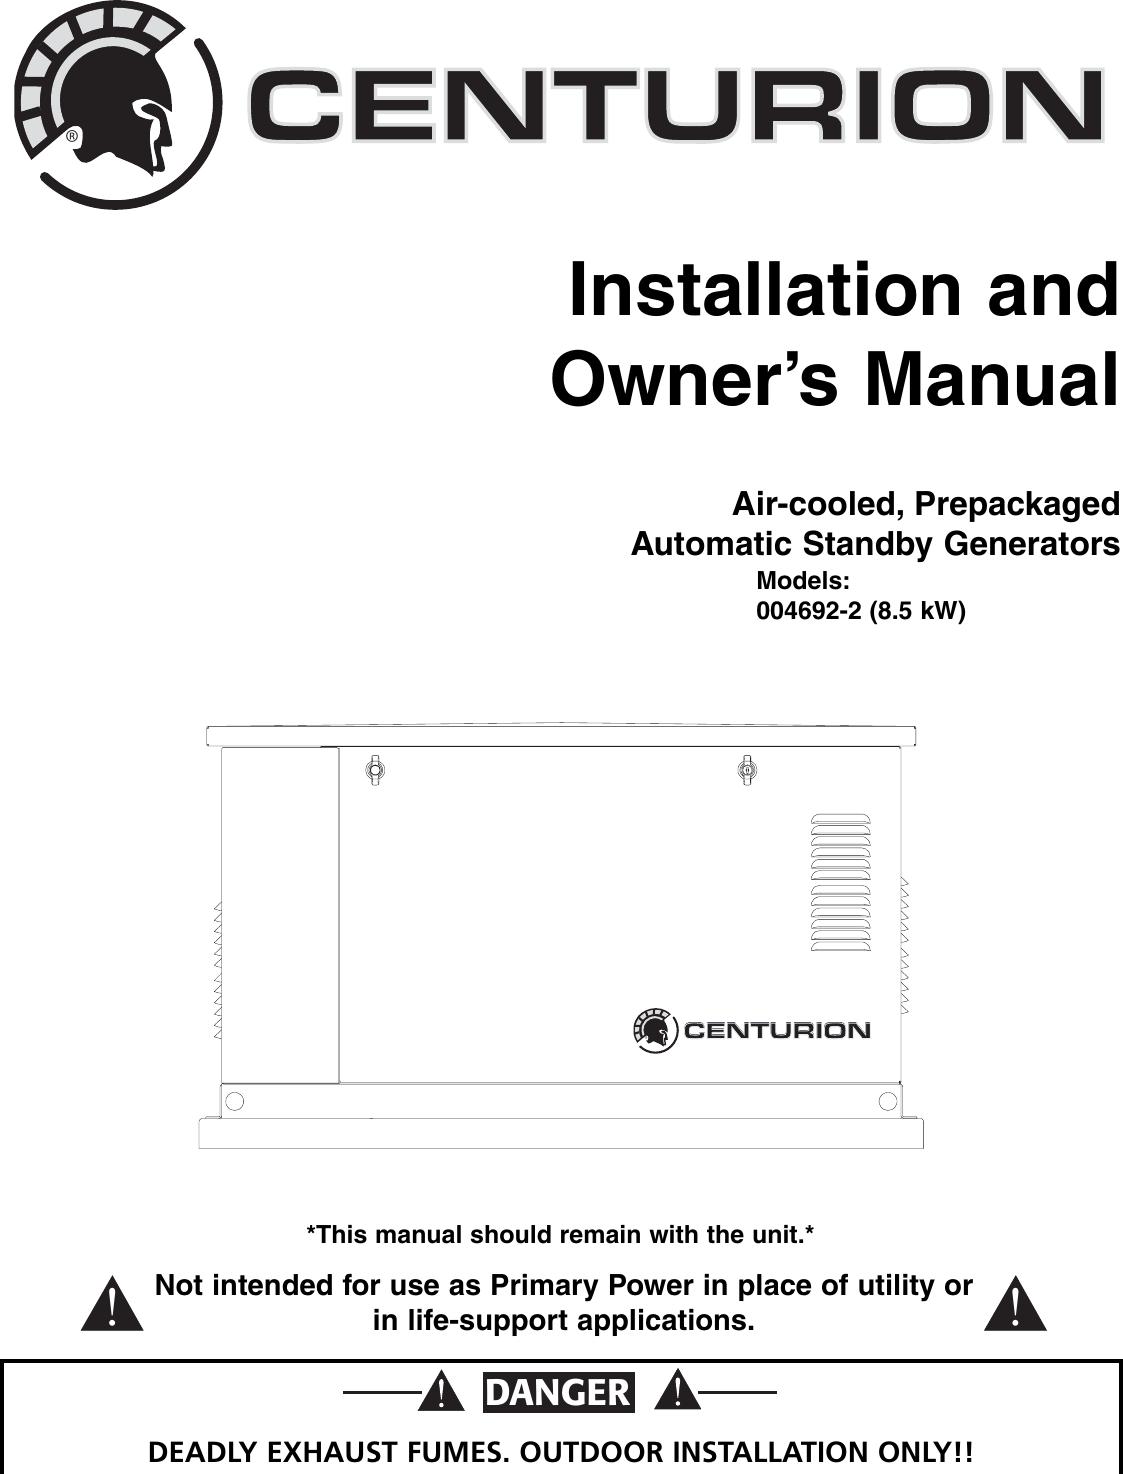 Generac 004692 2 Owners Manual 0f0091revb Kel Alternator Wiring Diagram